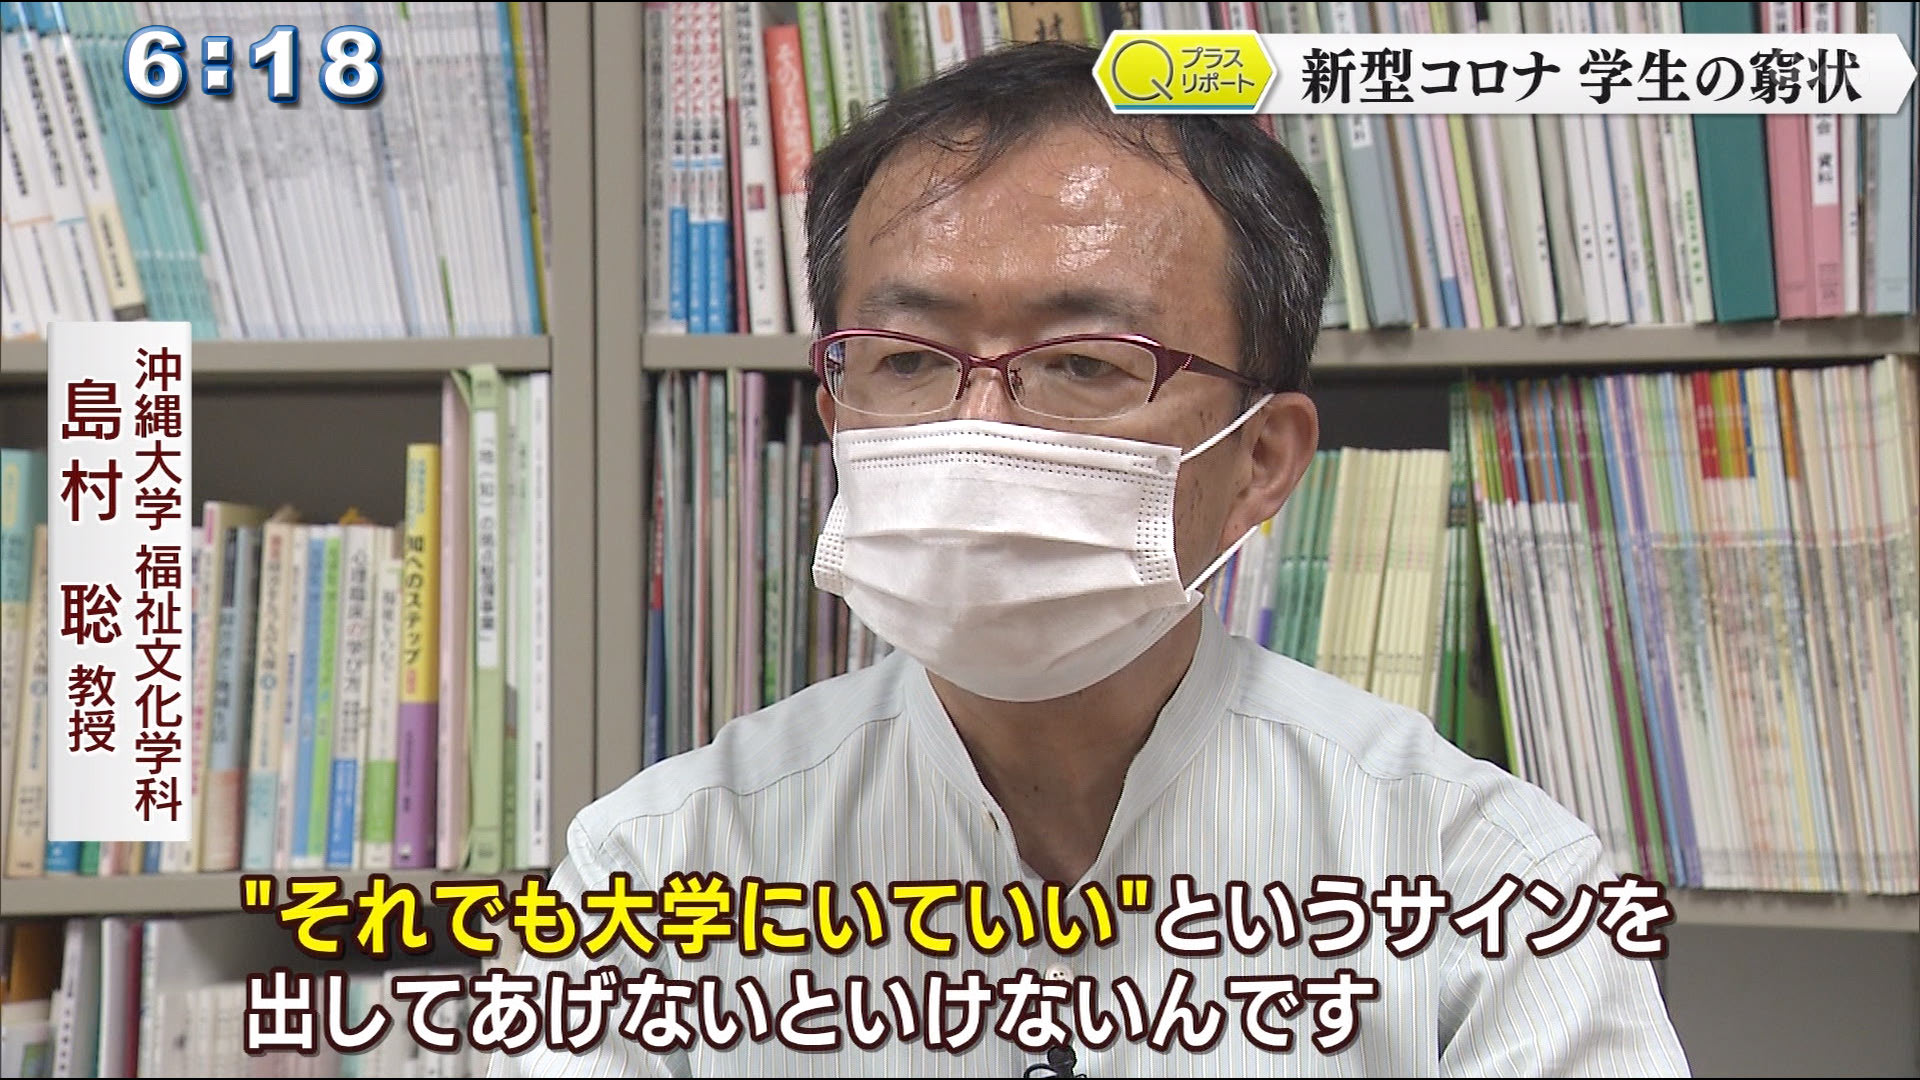 """新型コロナと闘う """"コロナ休学""""も!? 学生たちのSOS"""